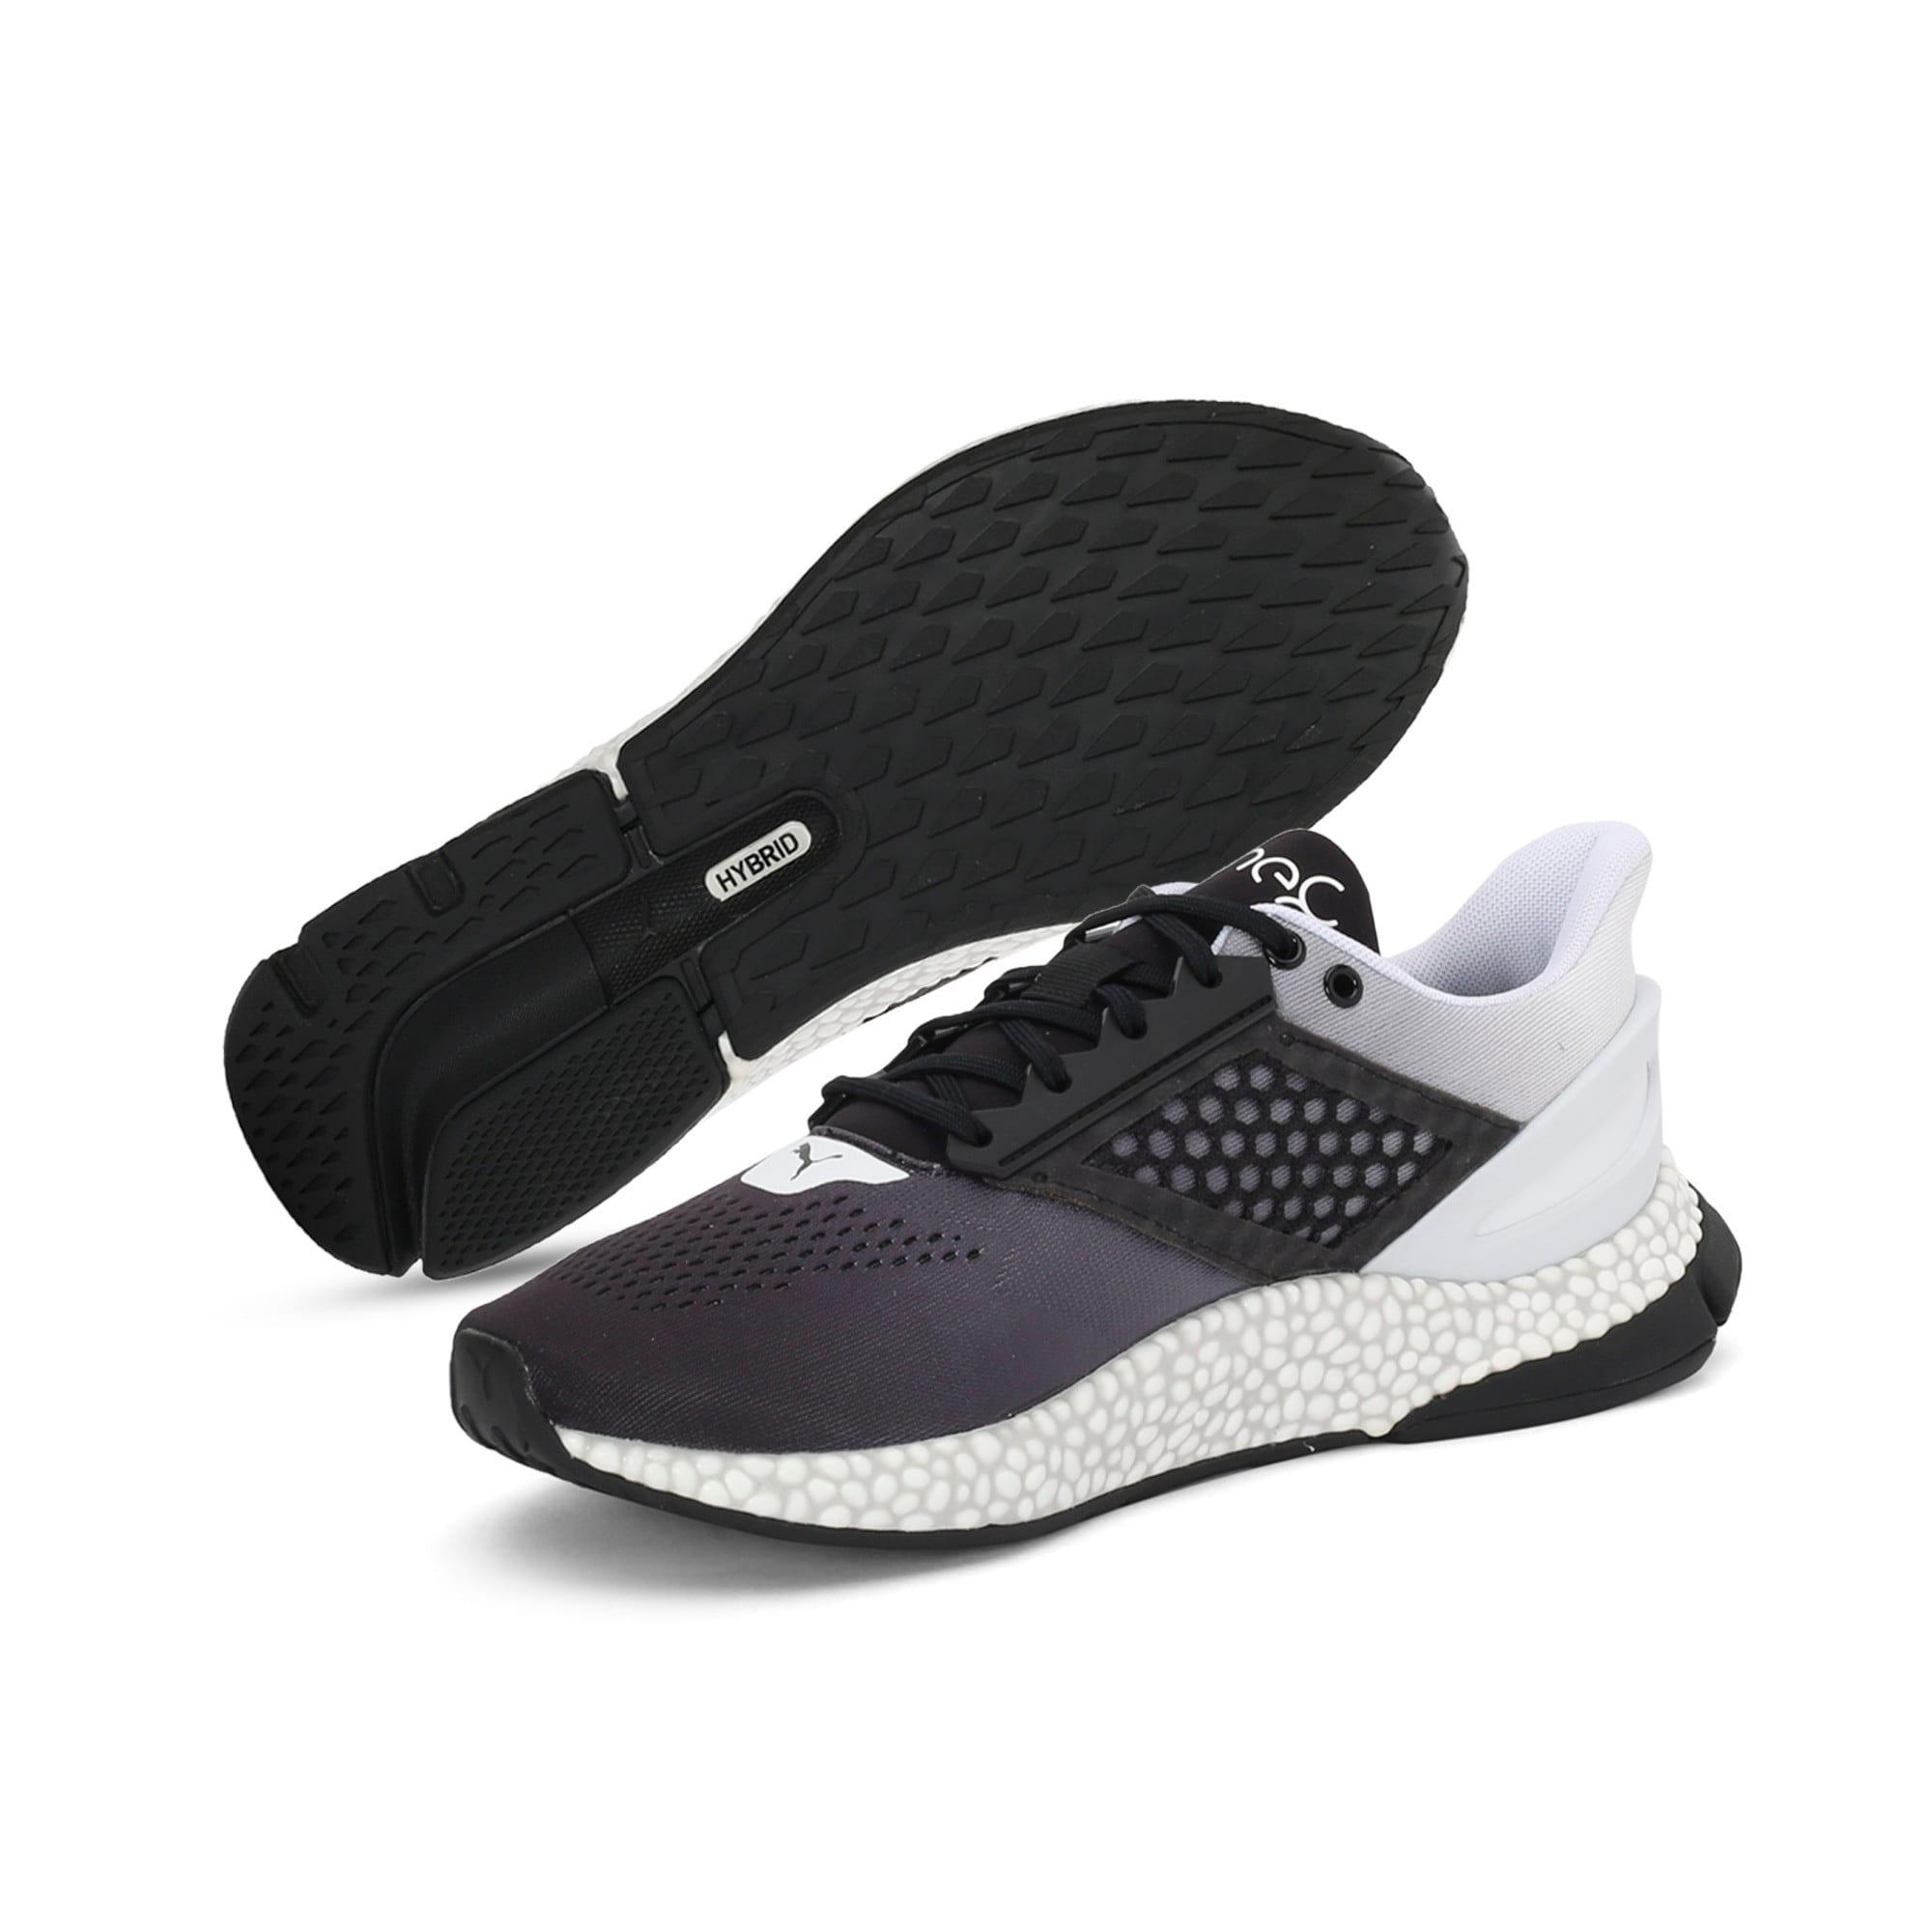 Thumbnail 2 of HYBRID Astro one8 Unisex Running Shoes, Puma Black-Puma White, medium-IND